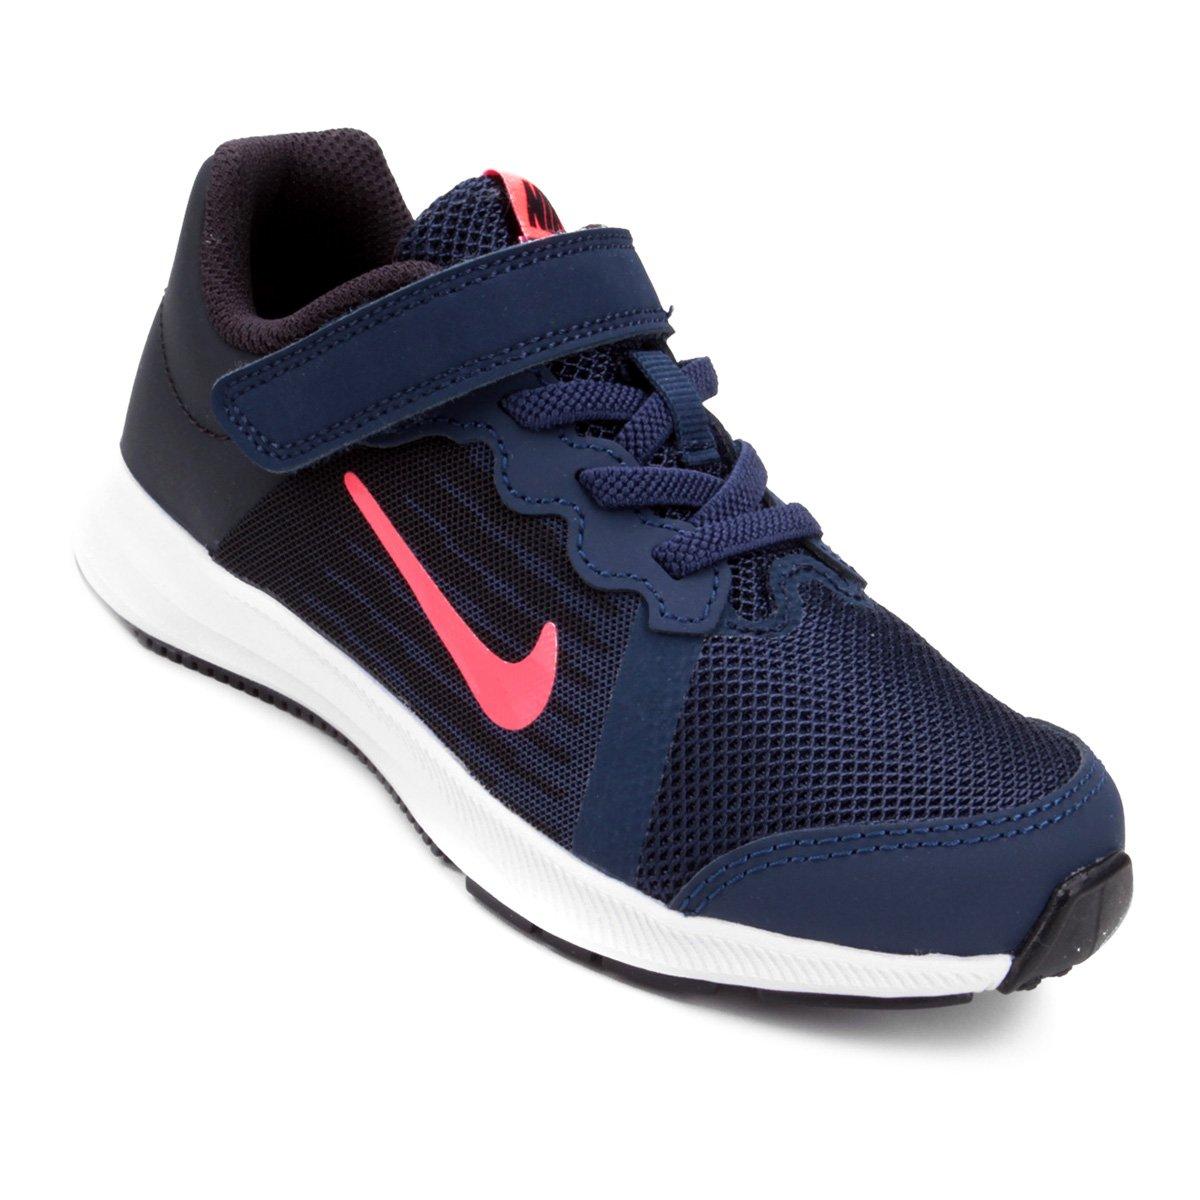 1021473aa3c Tênis Infantil Nike Downshifter 8 Feminino - Marinho e Rosa Claro - Compre  Agora